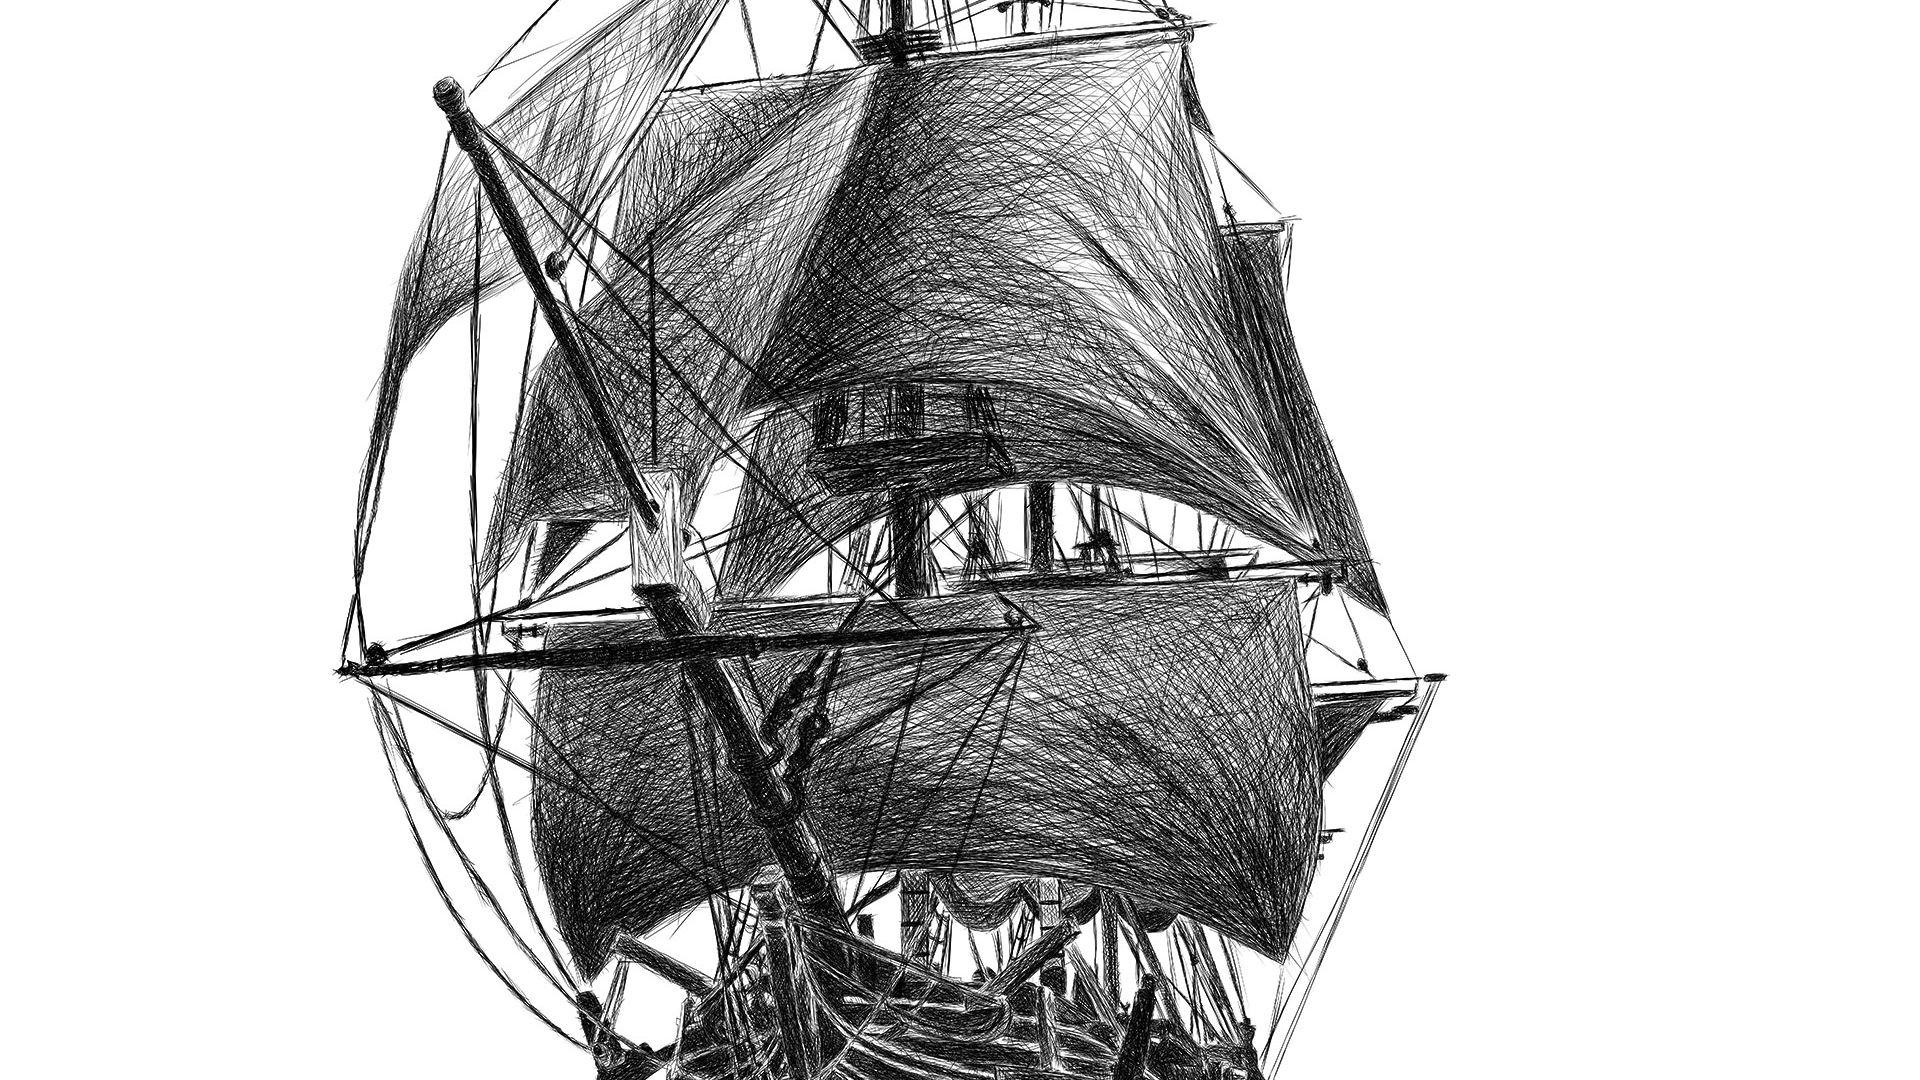 Pirate Ship Crimson pirate pencil line drawing ציור קווי בעיפרון דיגיטלי ספינת פיראטים